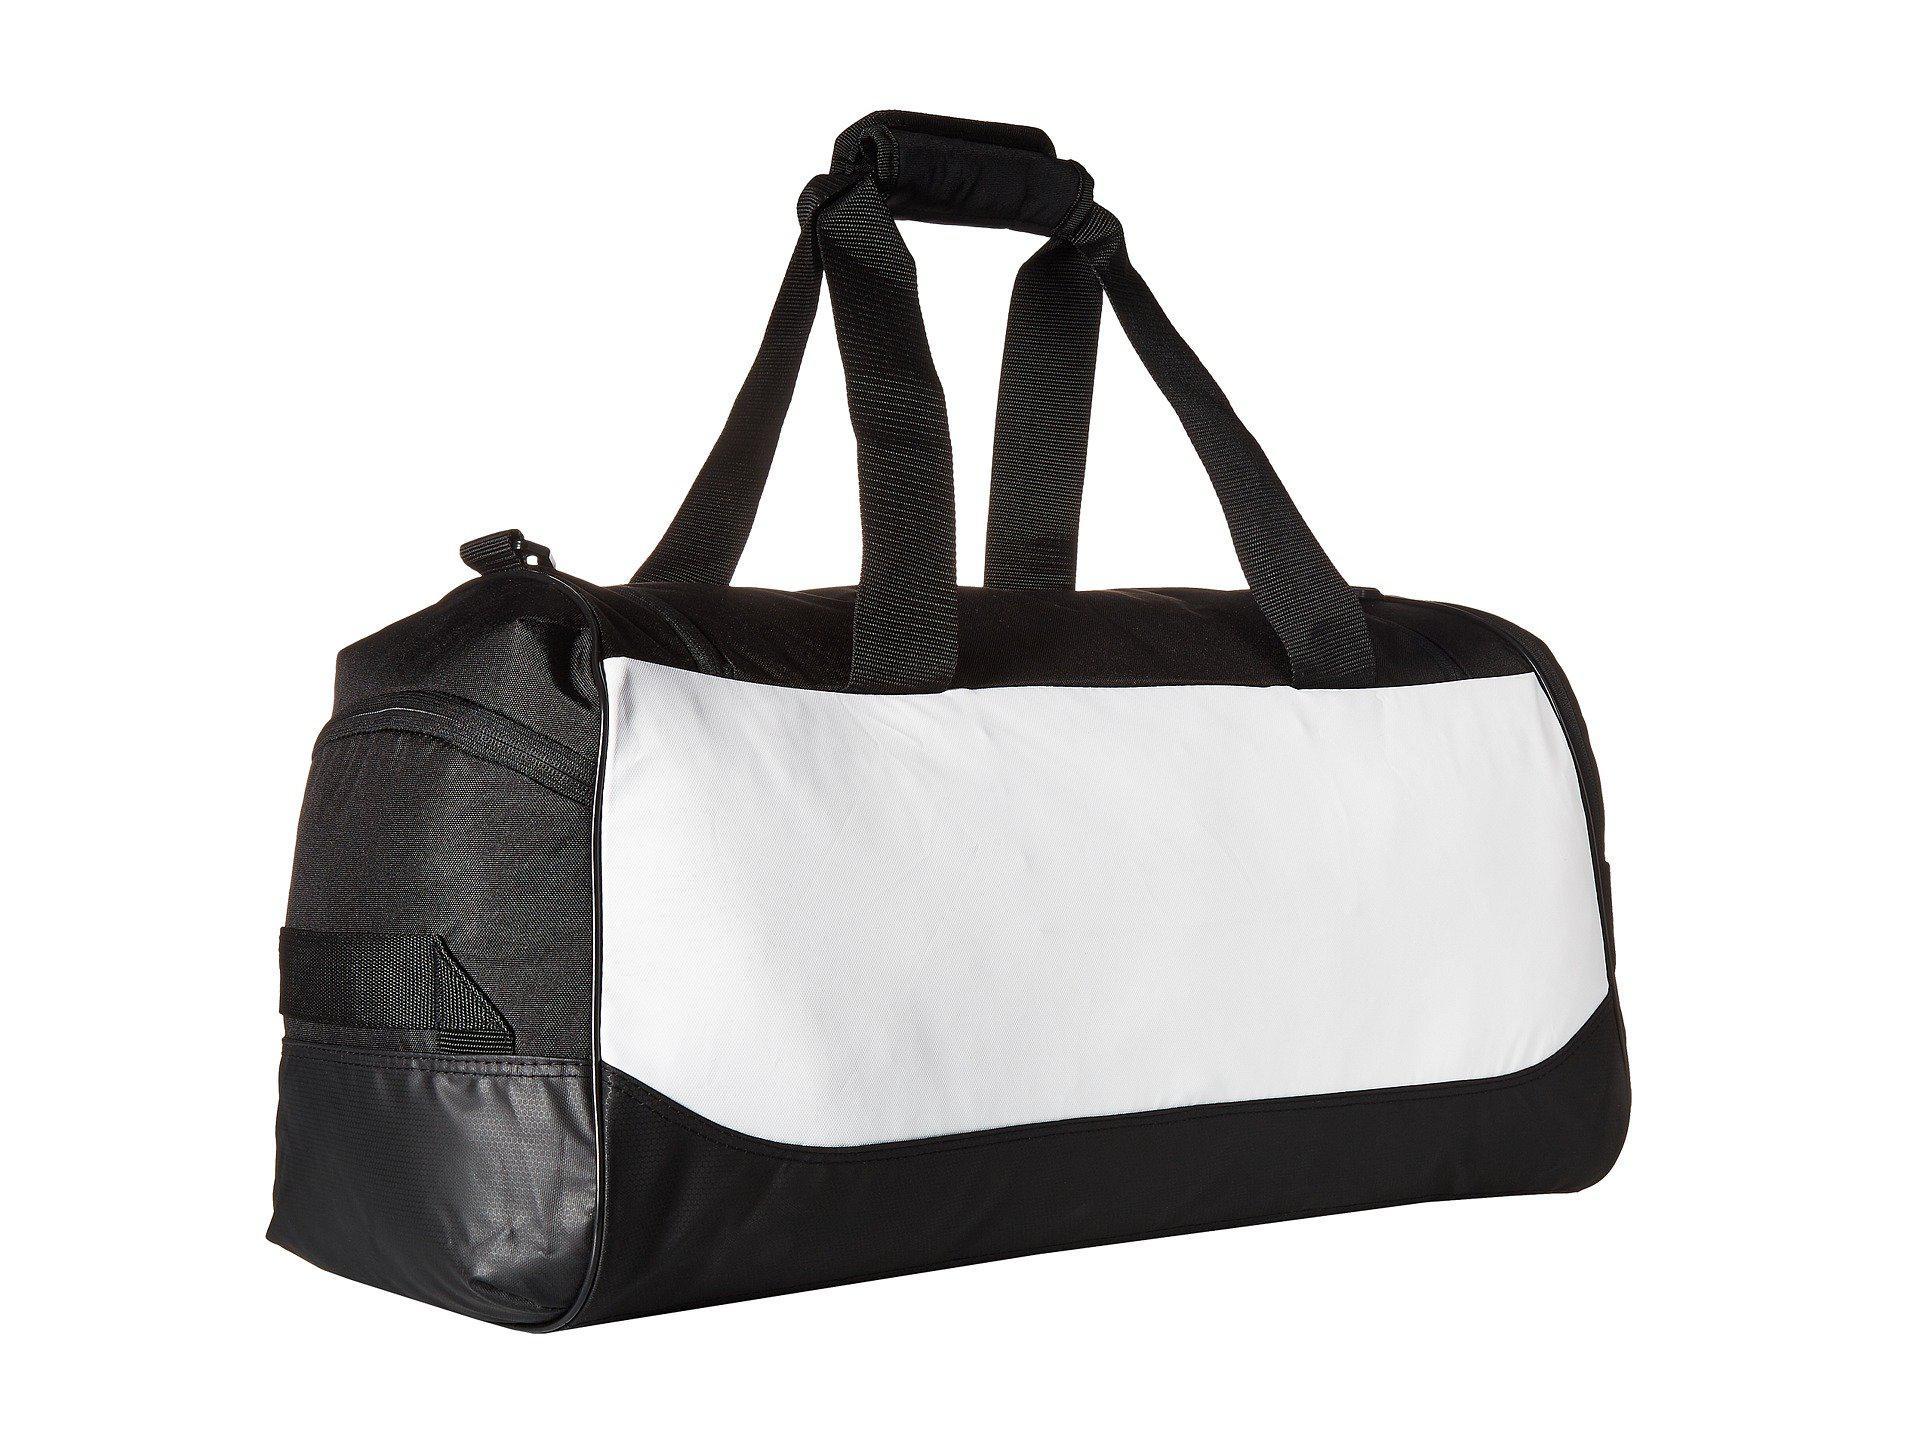 e7773a60fa Adidas - Black Team Issue Medium Duffel (bold Blue) Duffel Bags for Men -.  View fullscreen